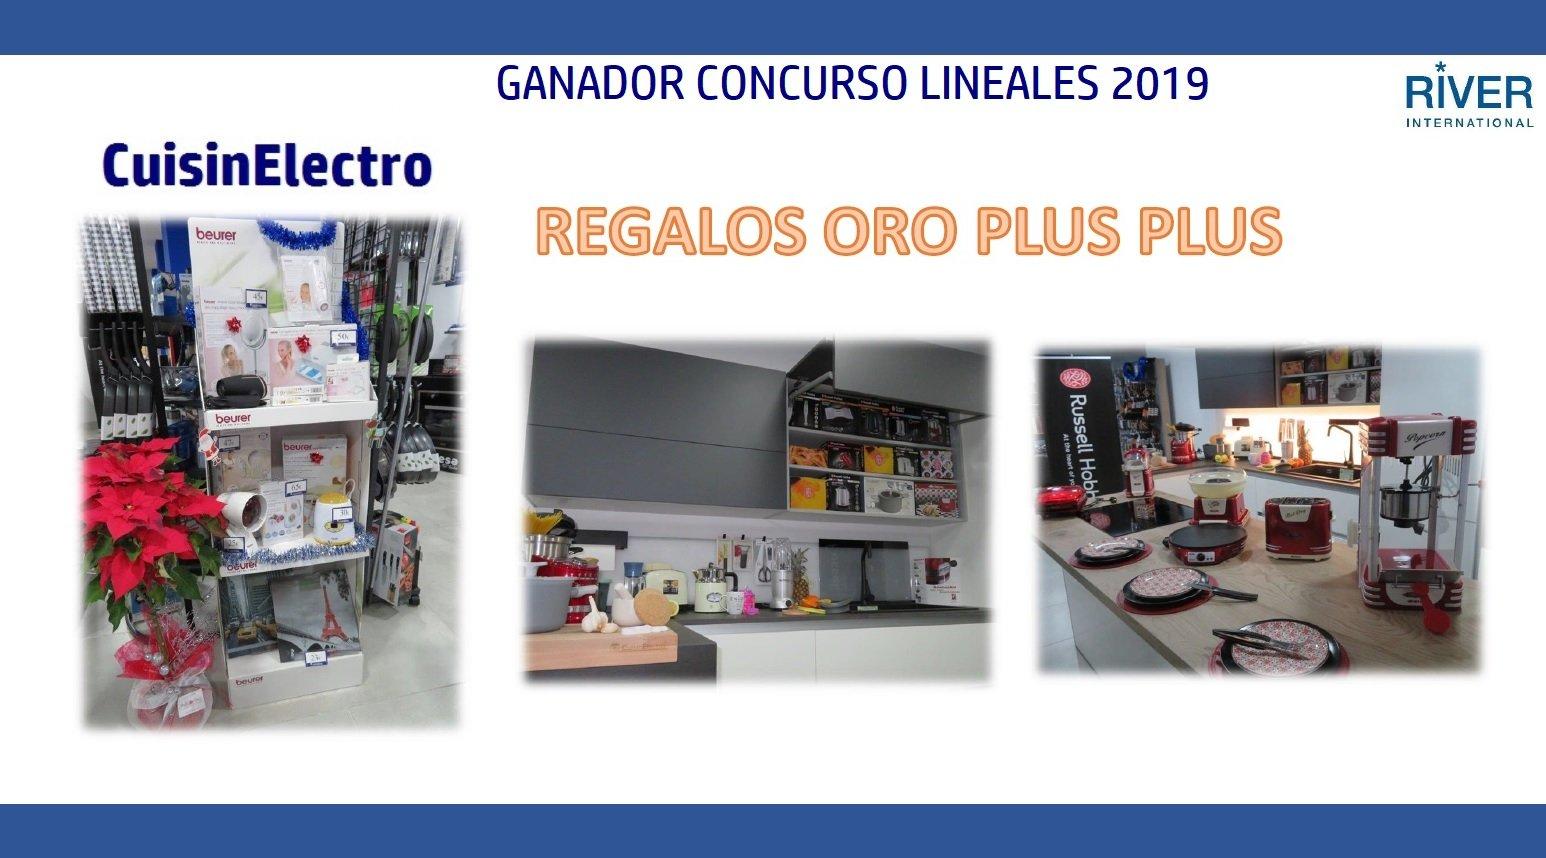 GANADOR CONCURSO 2019